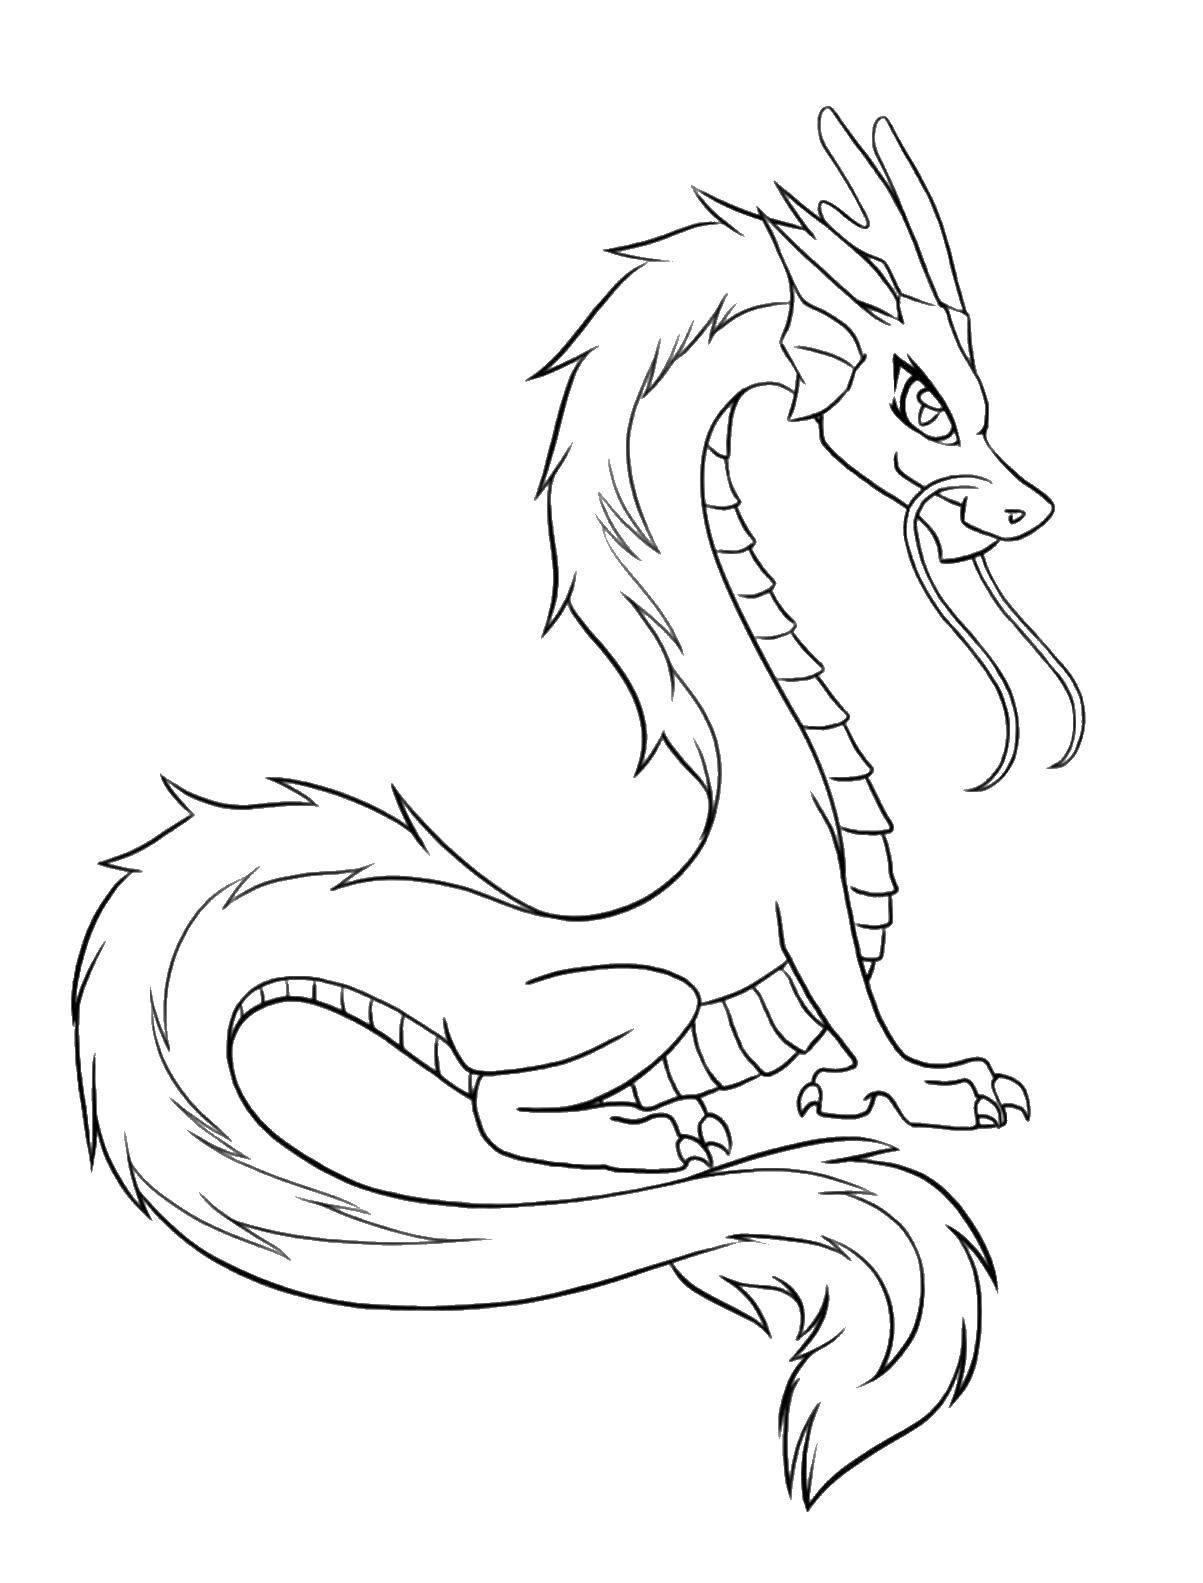 Раскраска Дракон змей Скачать драконы, змеи.  Распечатать ,Драконы,